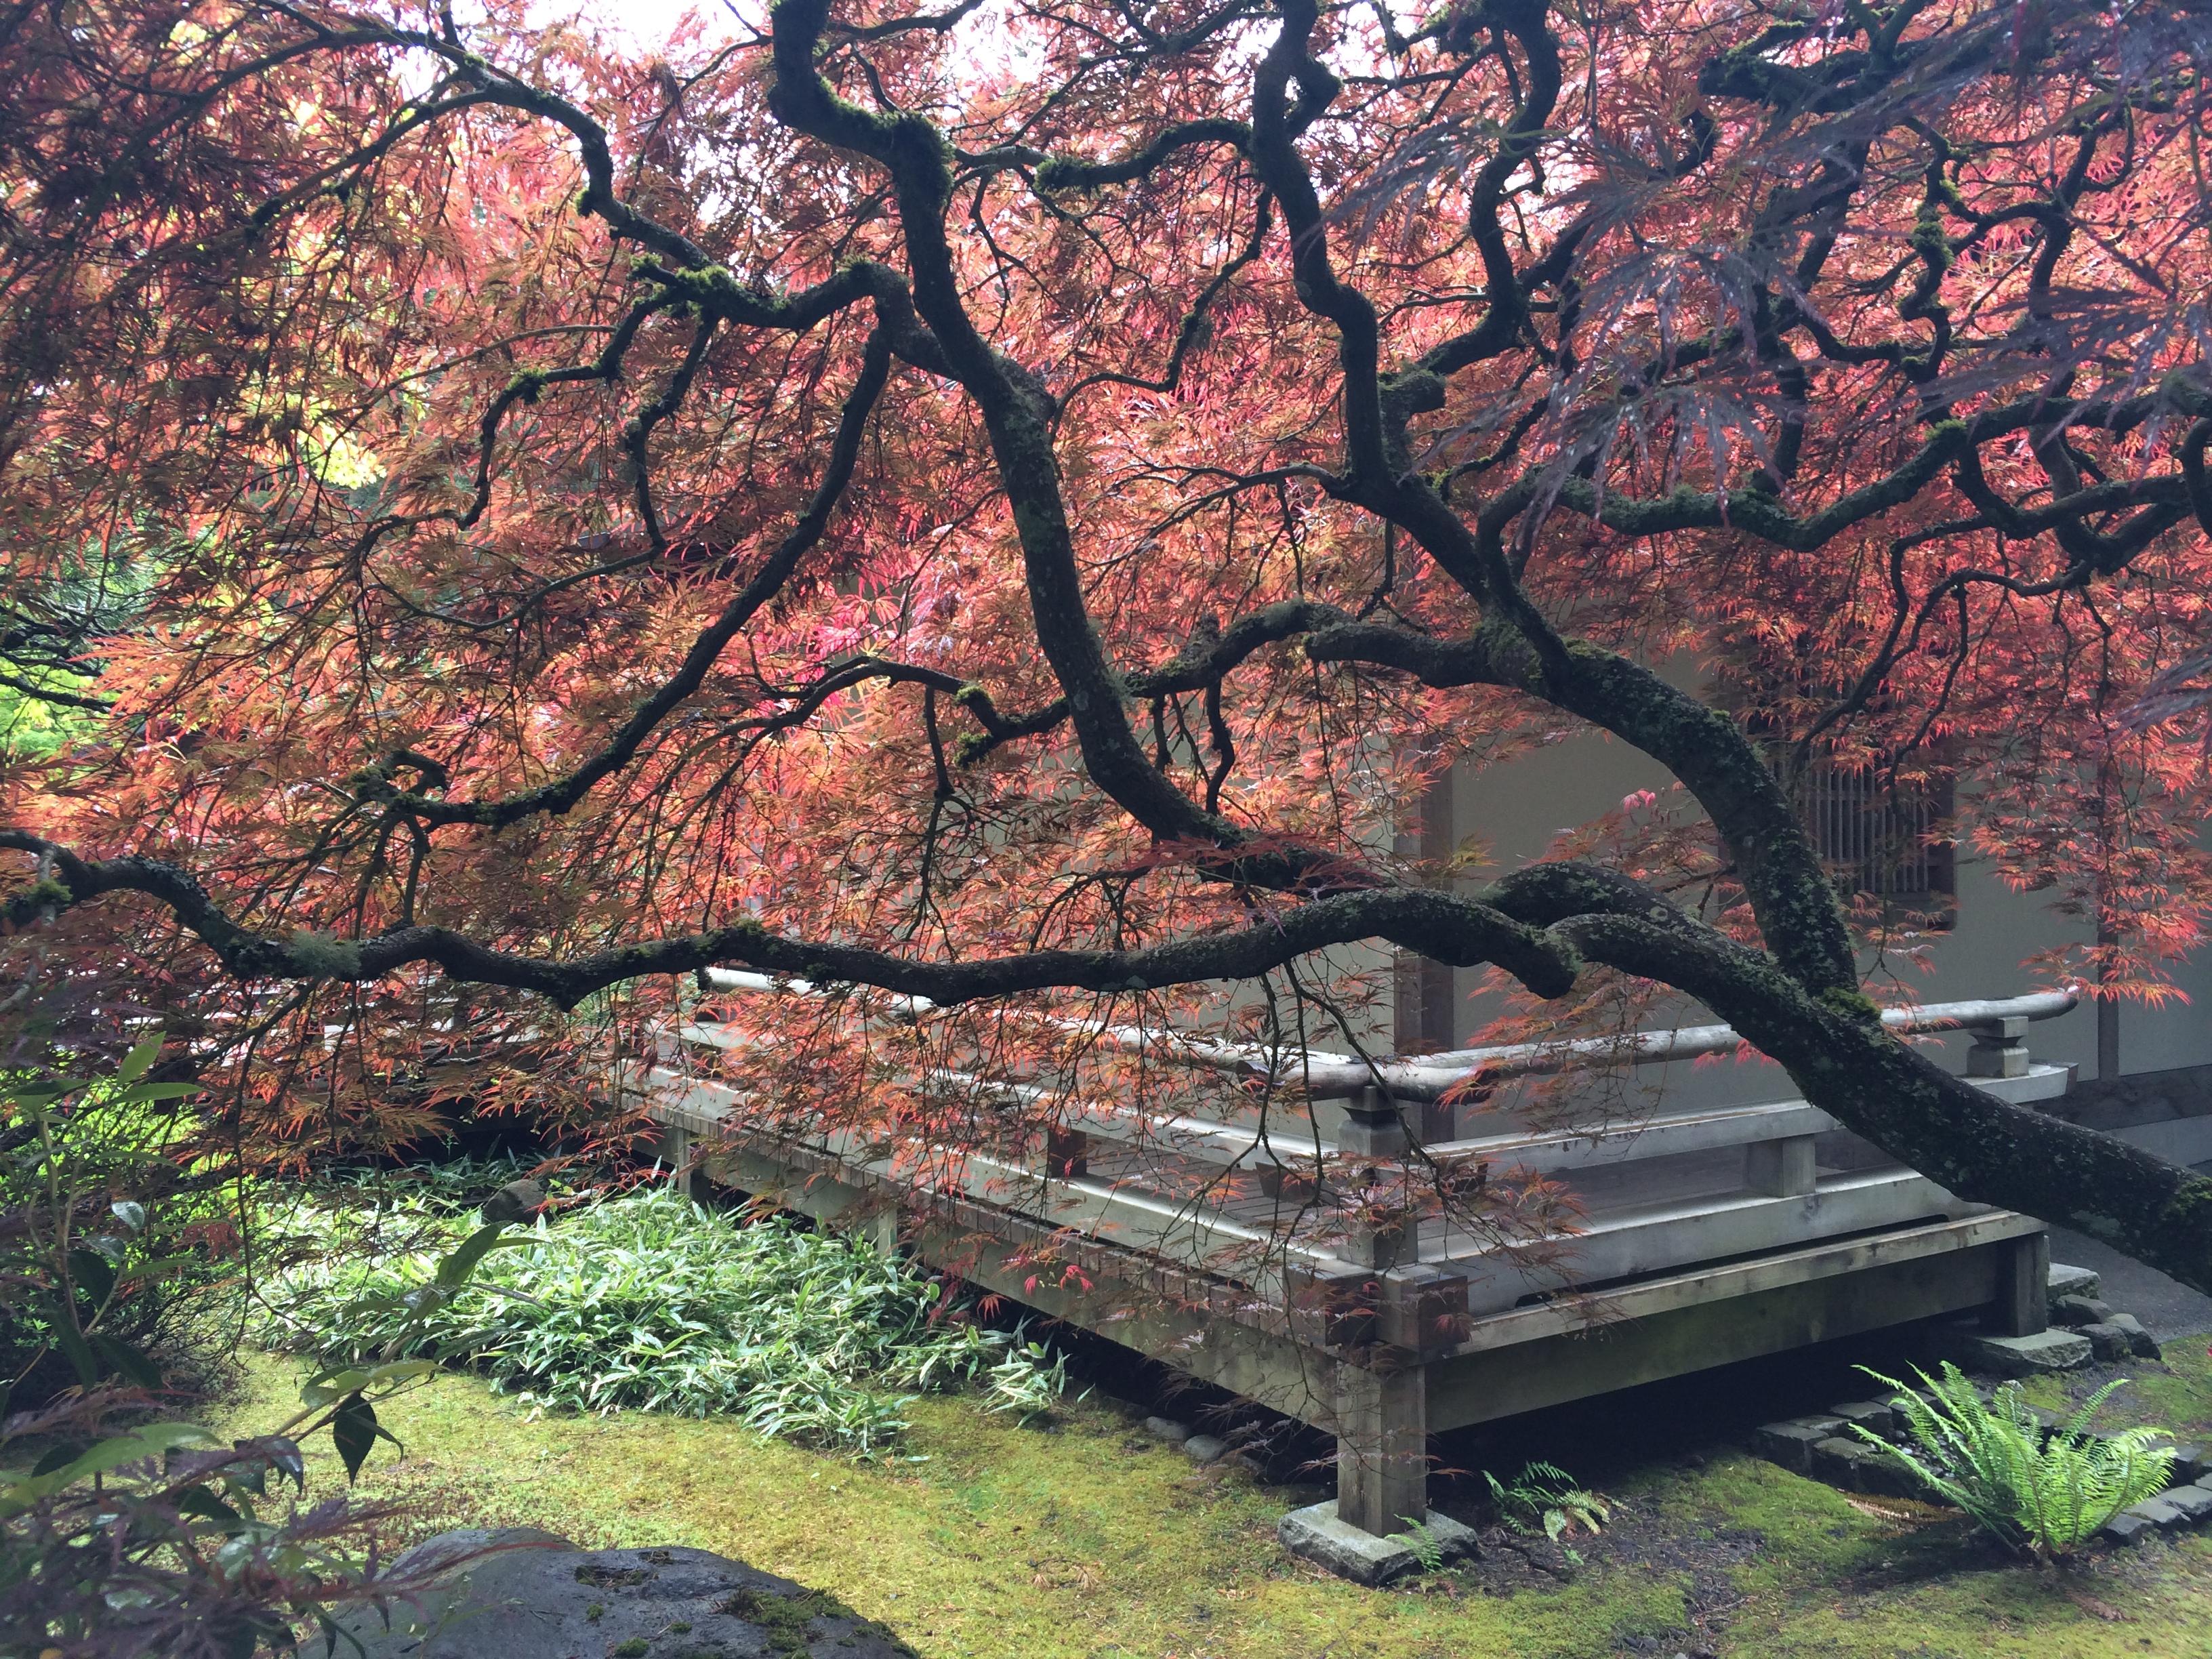 580+ Gambar Pemandangan Negara Jepang Terbaik